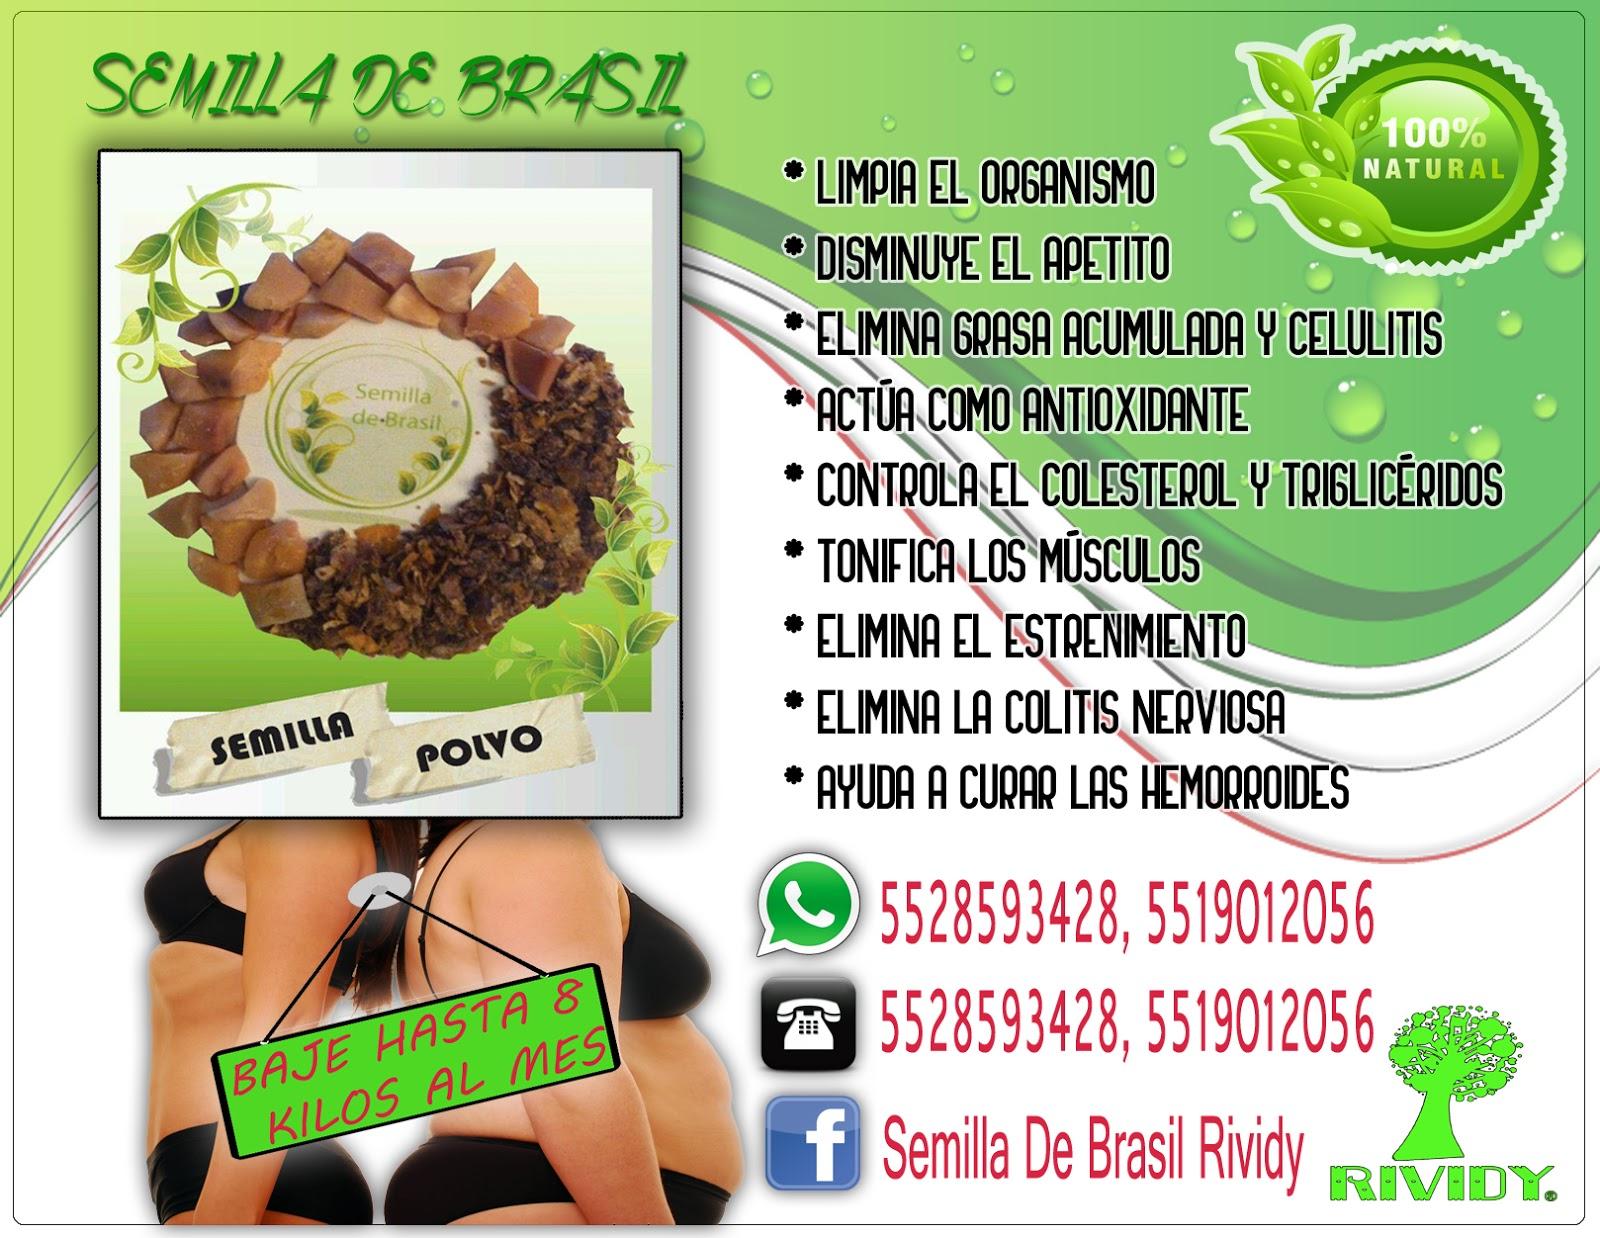 semillas de brasil efectos